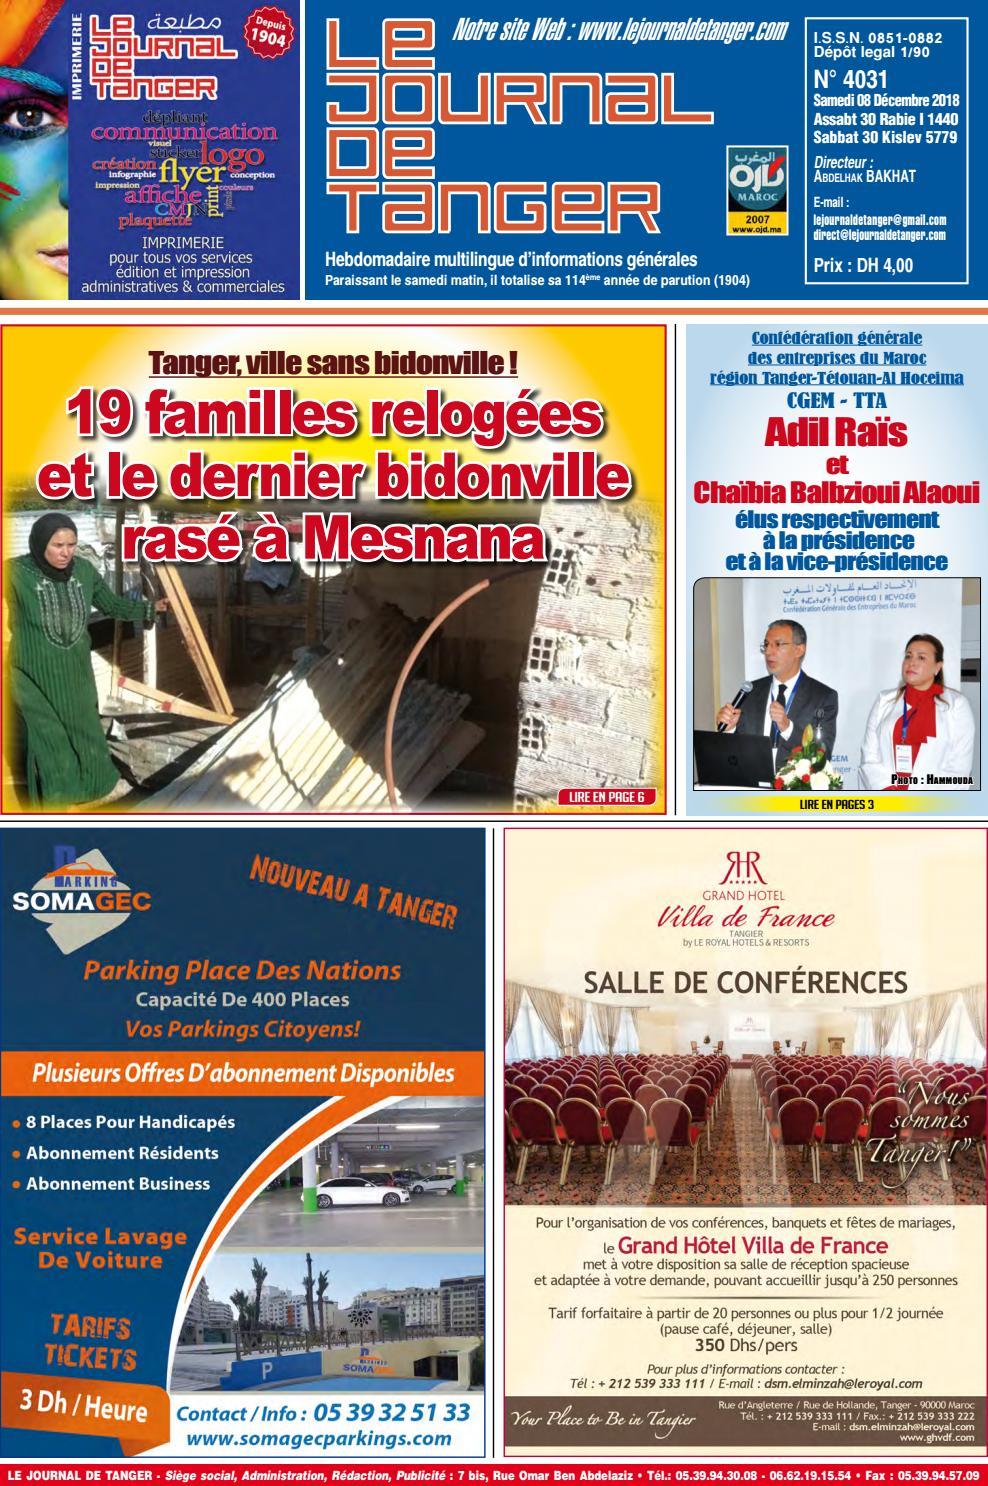 91d76fe68 Le journal de Tanger 08 Décembre 2018 by Le Journal de Tanger - issuu